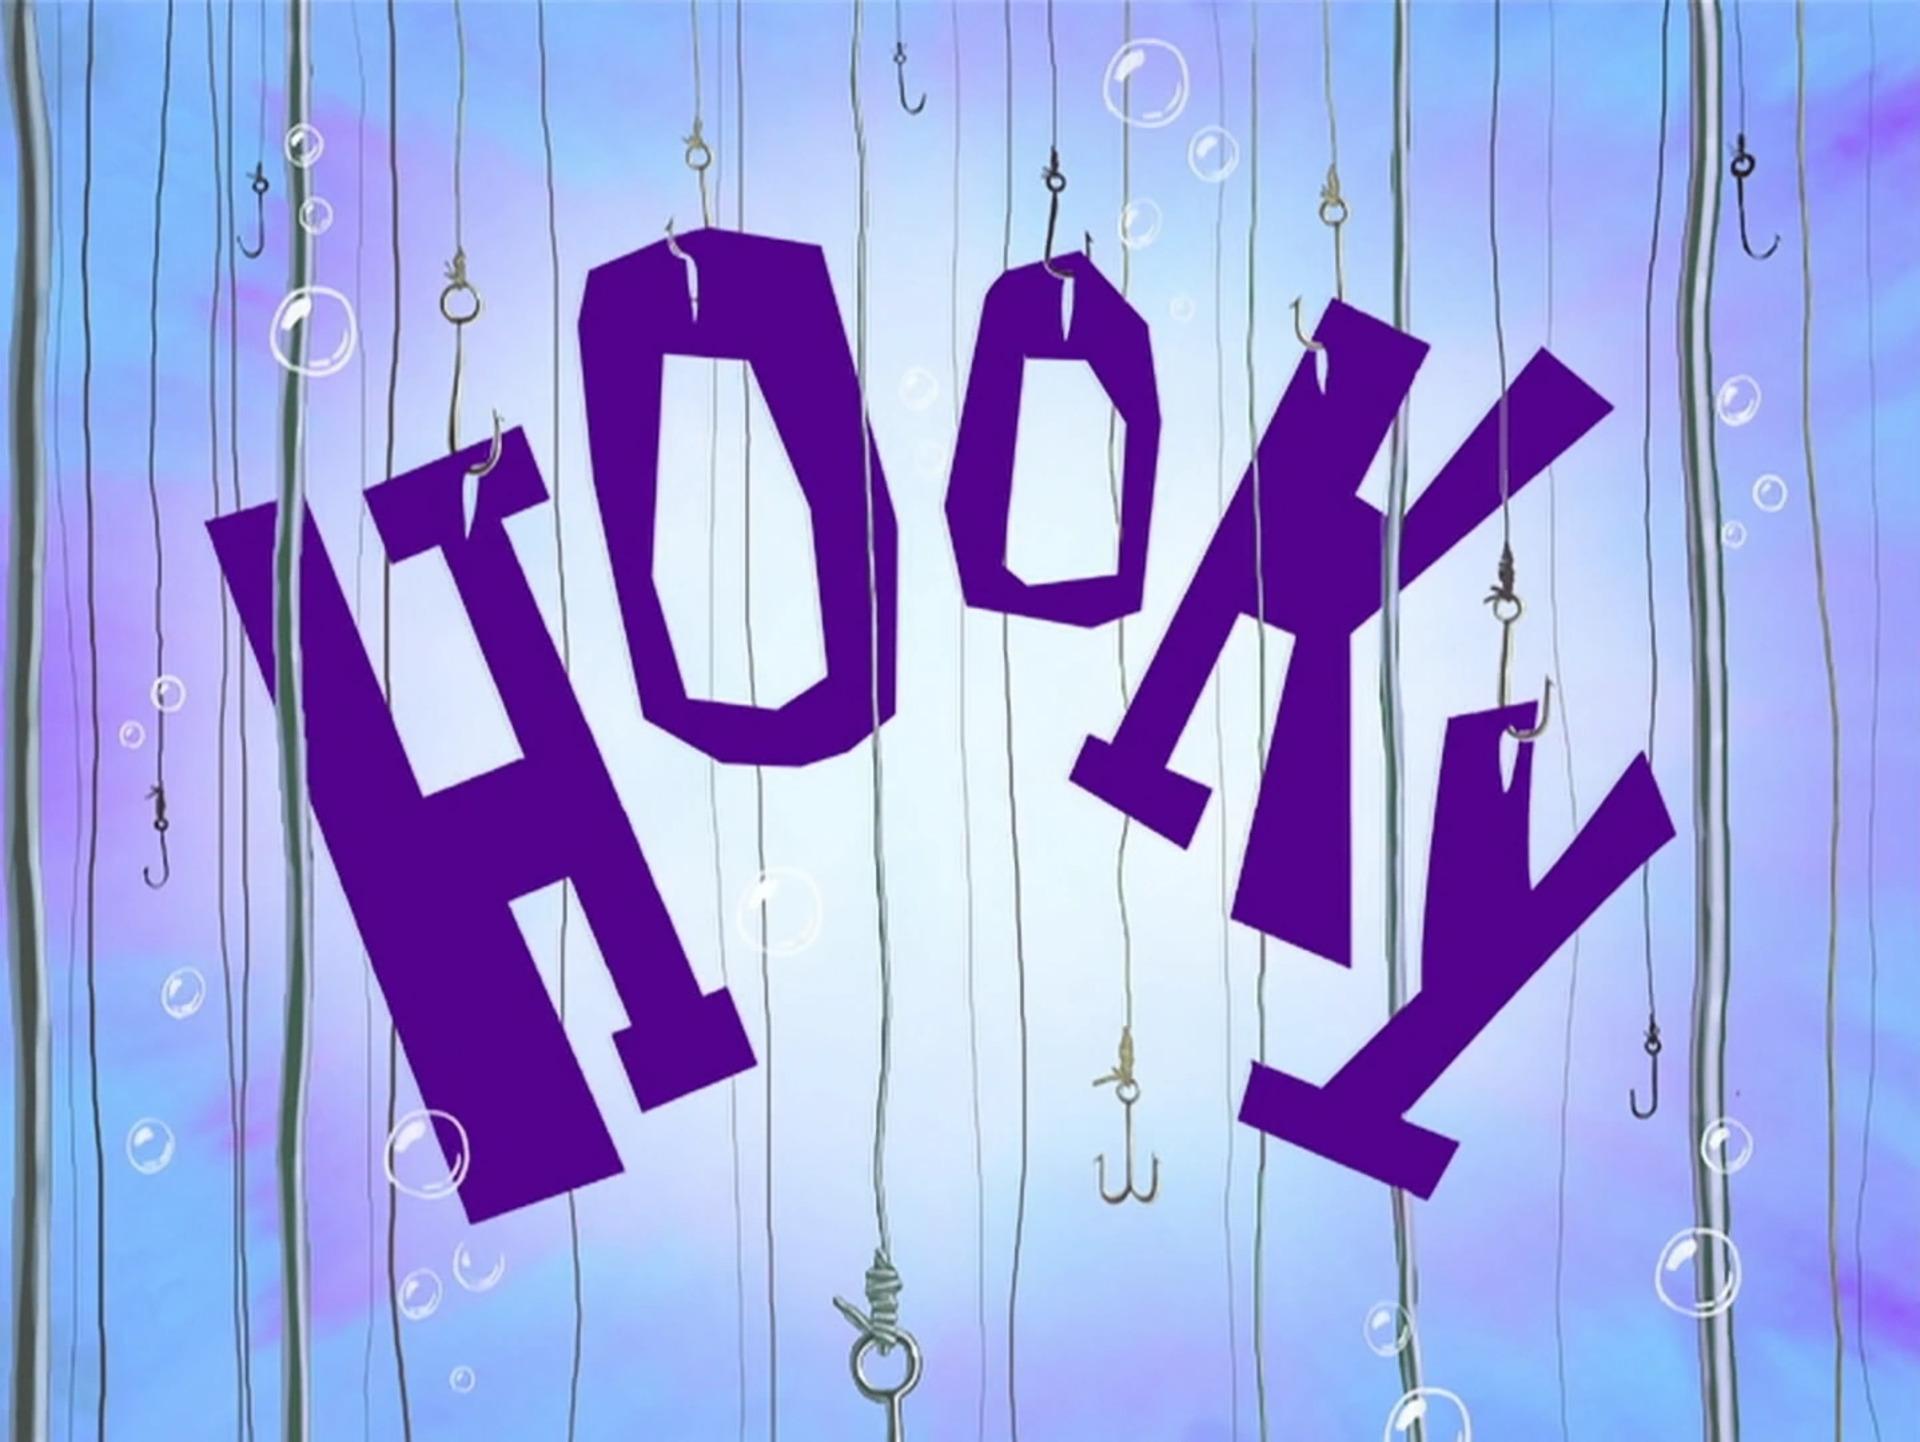 20a Hooky